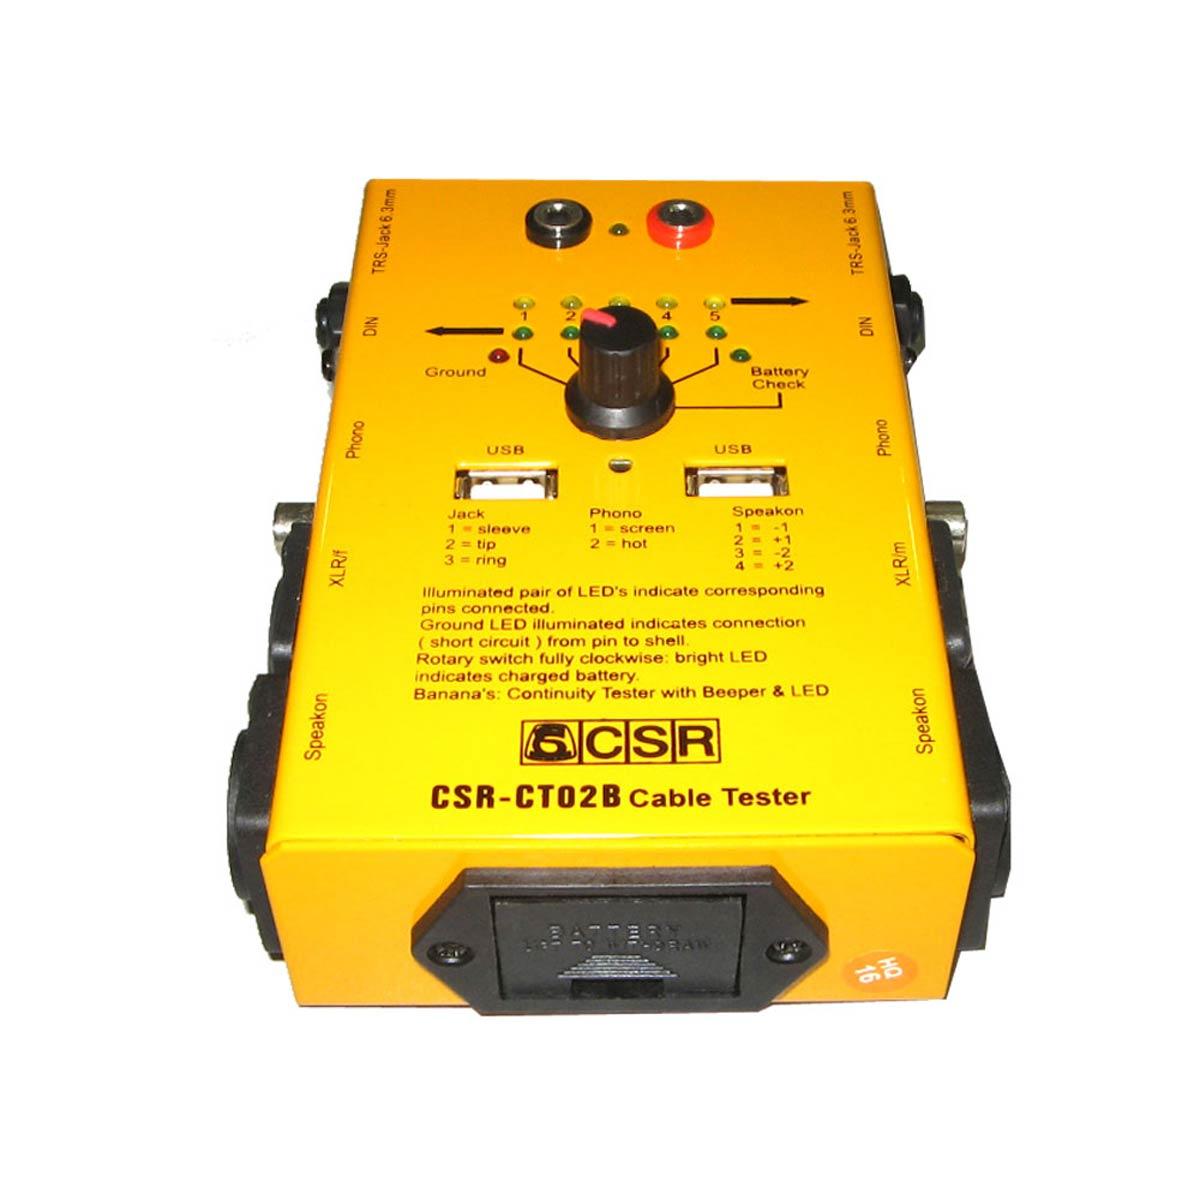 Testador de Cabos 6 Vias c/ USB - CT 02 B CSR